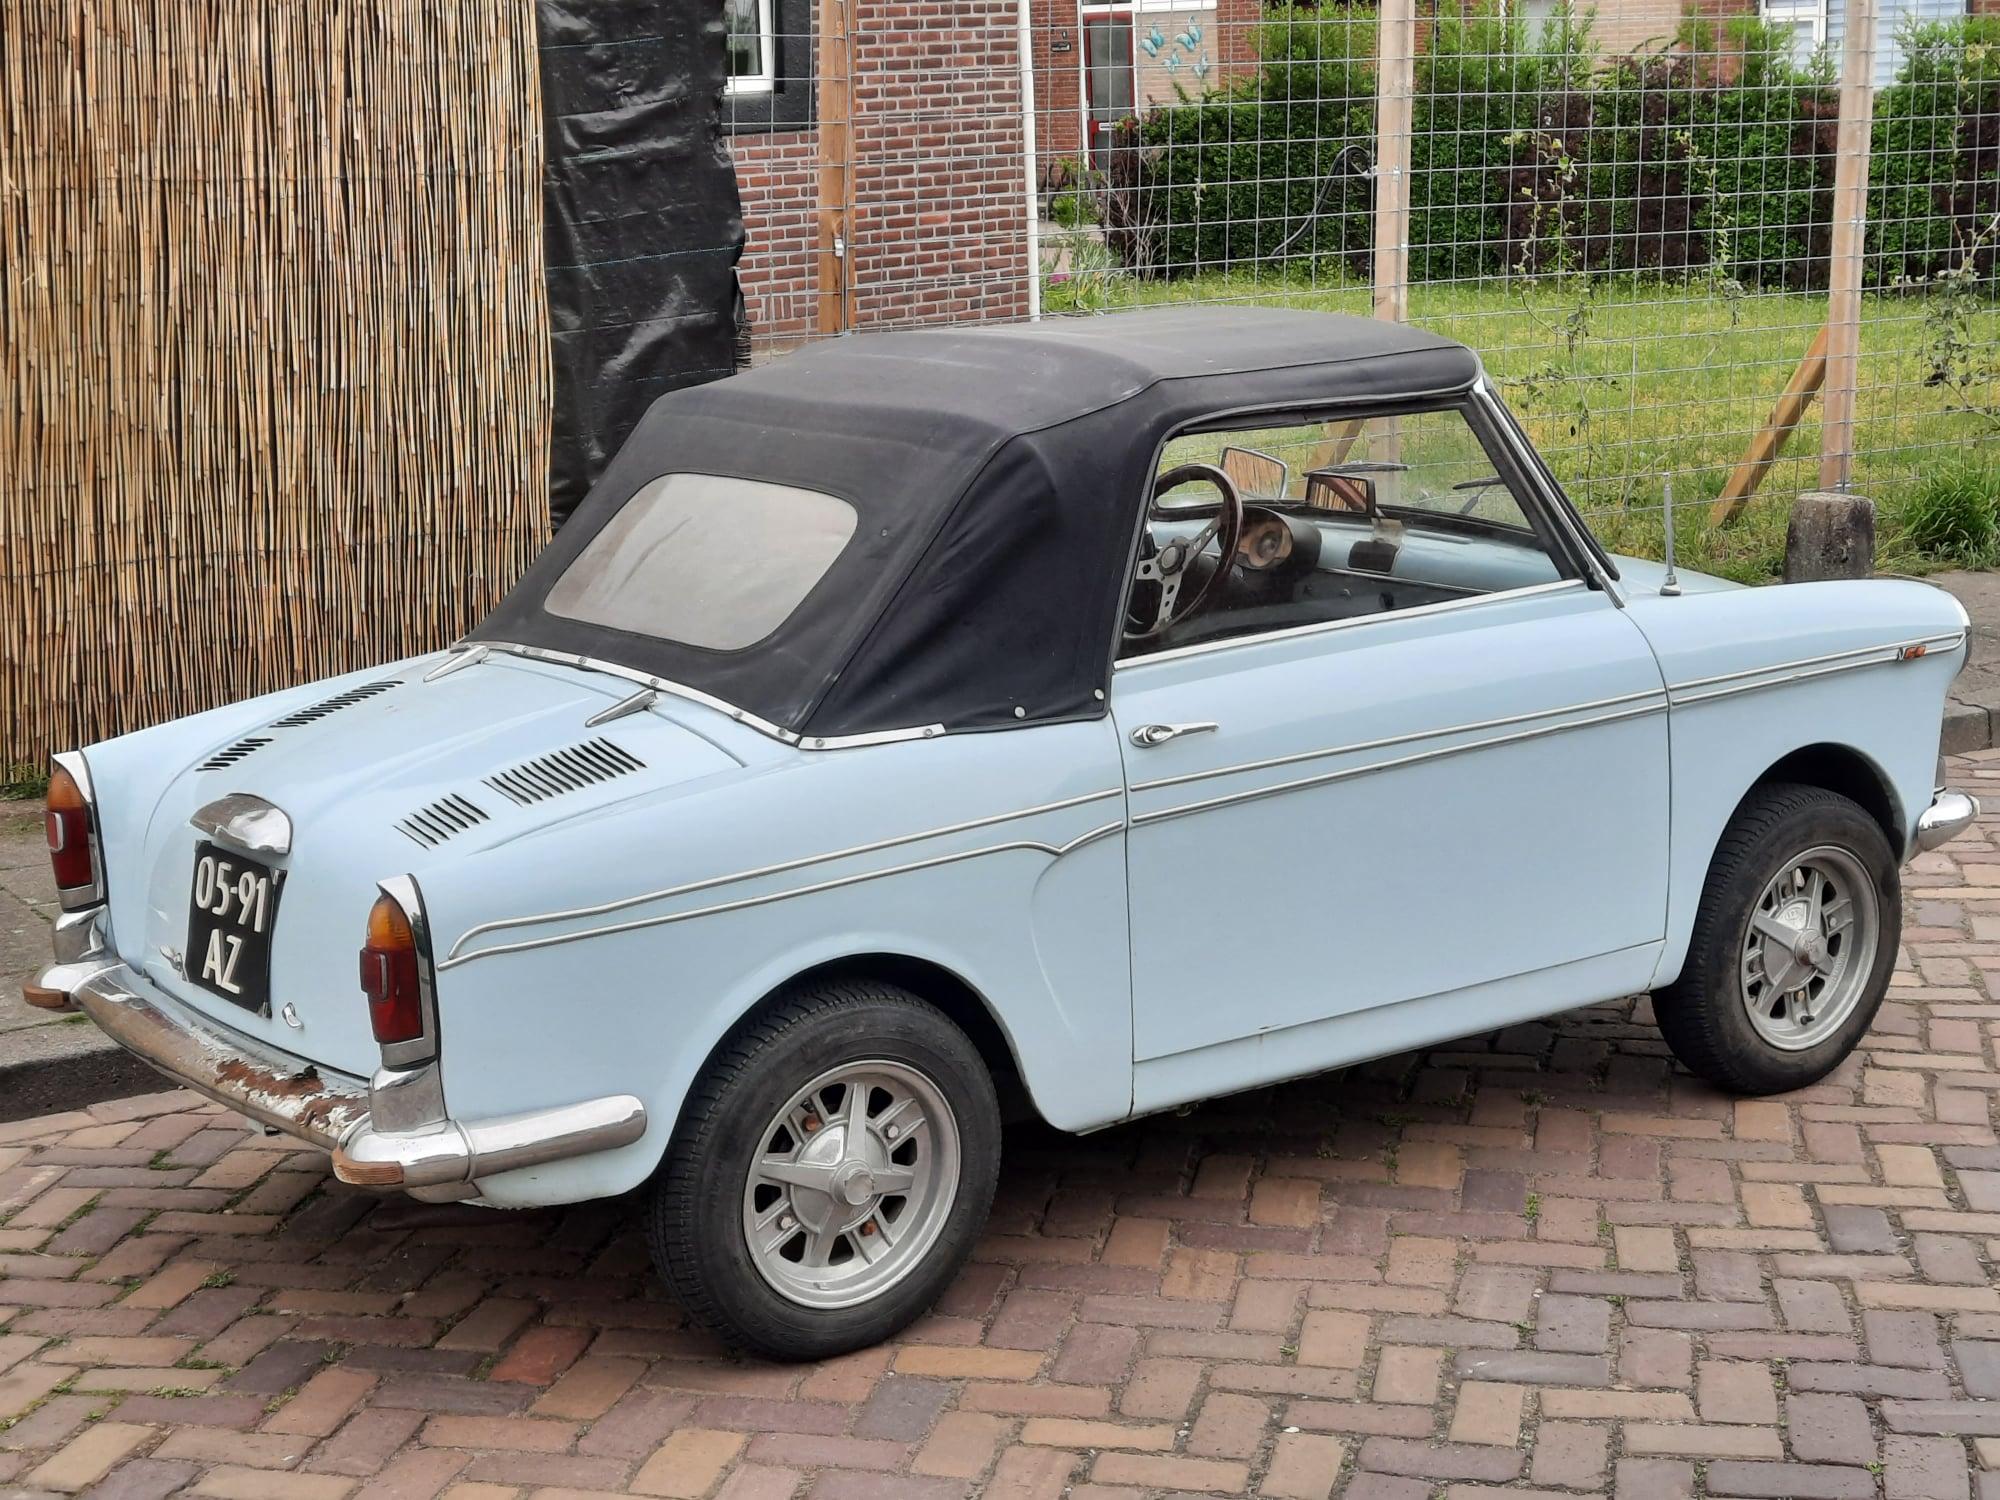 Auto-Bianchi-uit-1965-foto-gemaakt-9-5-2021--door-Wim-Schipper--(2)